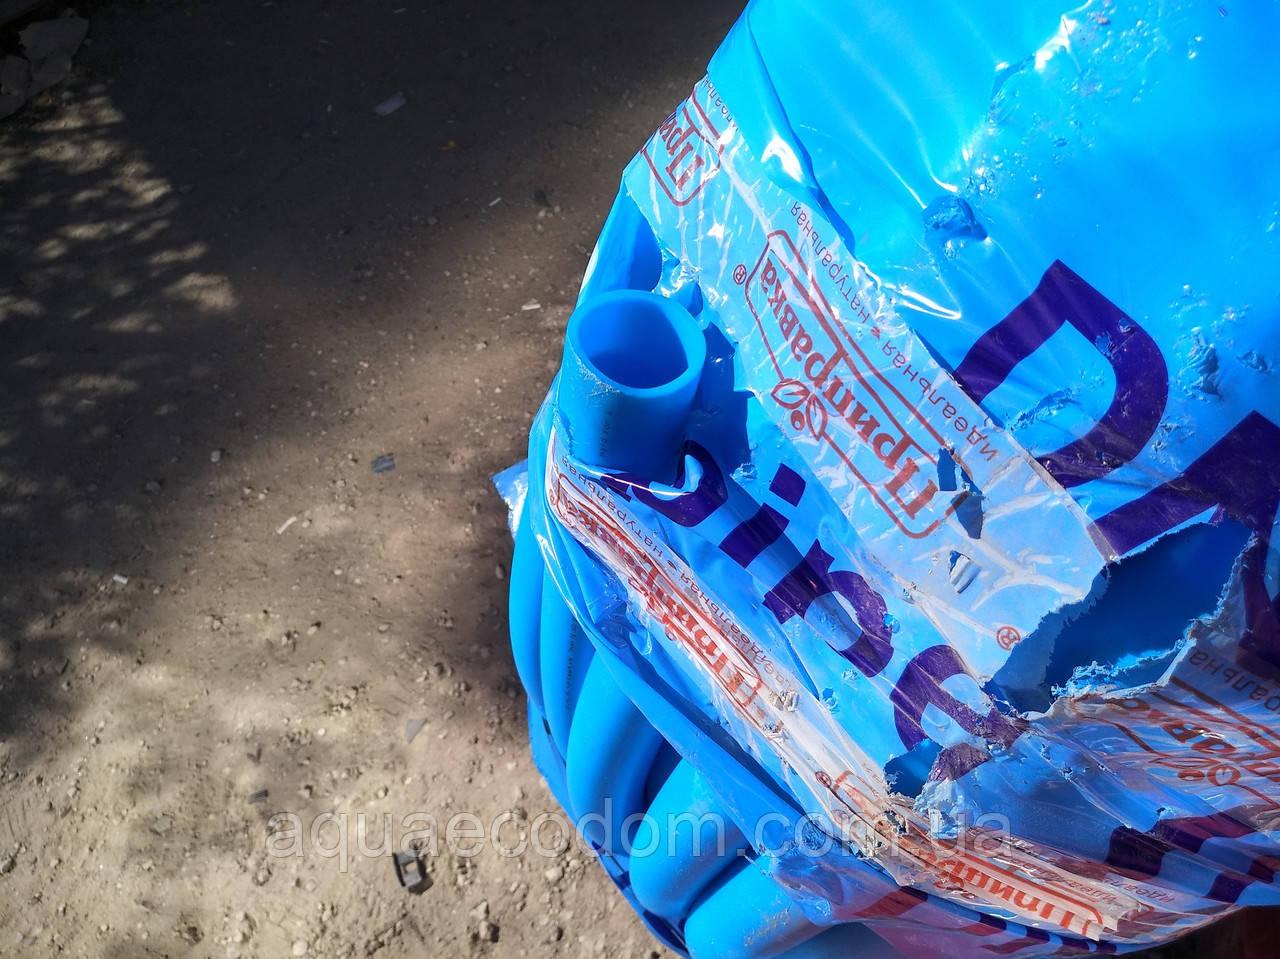 """Пищевая труба полиэтиленовая 50 мм 16 атм (синяя) - """"AQUA ECO DOM"""" в Харькове"""